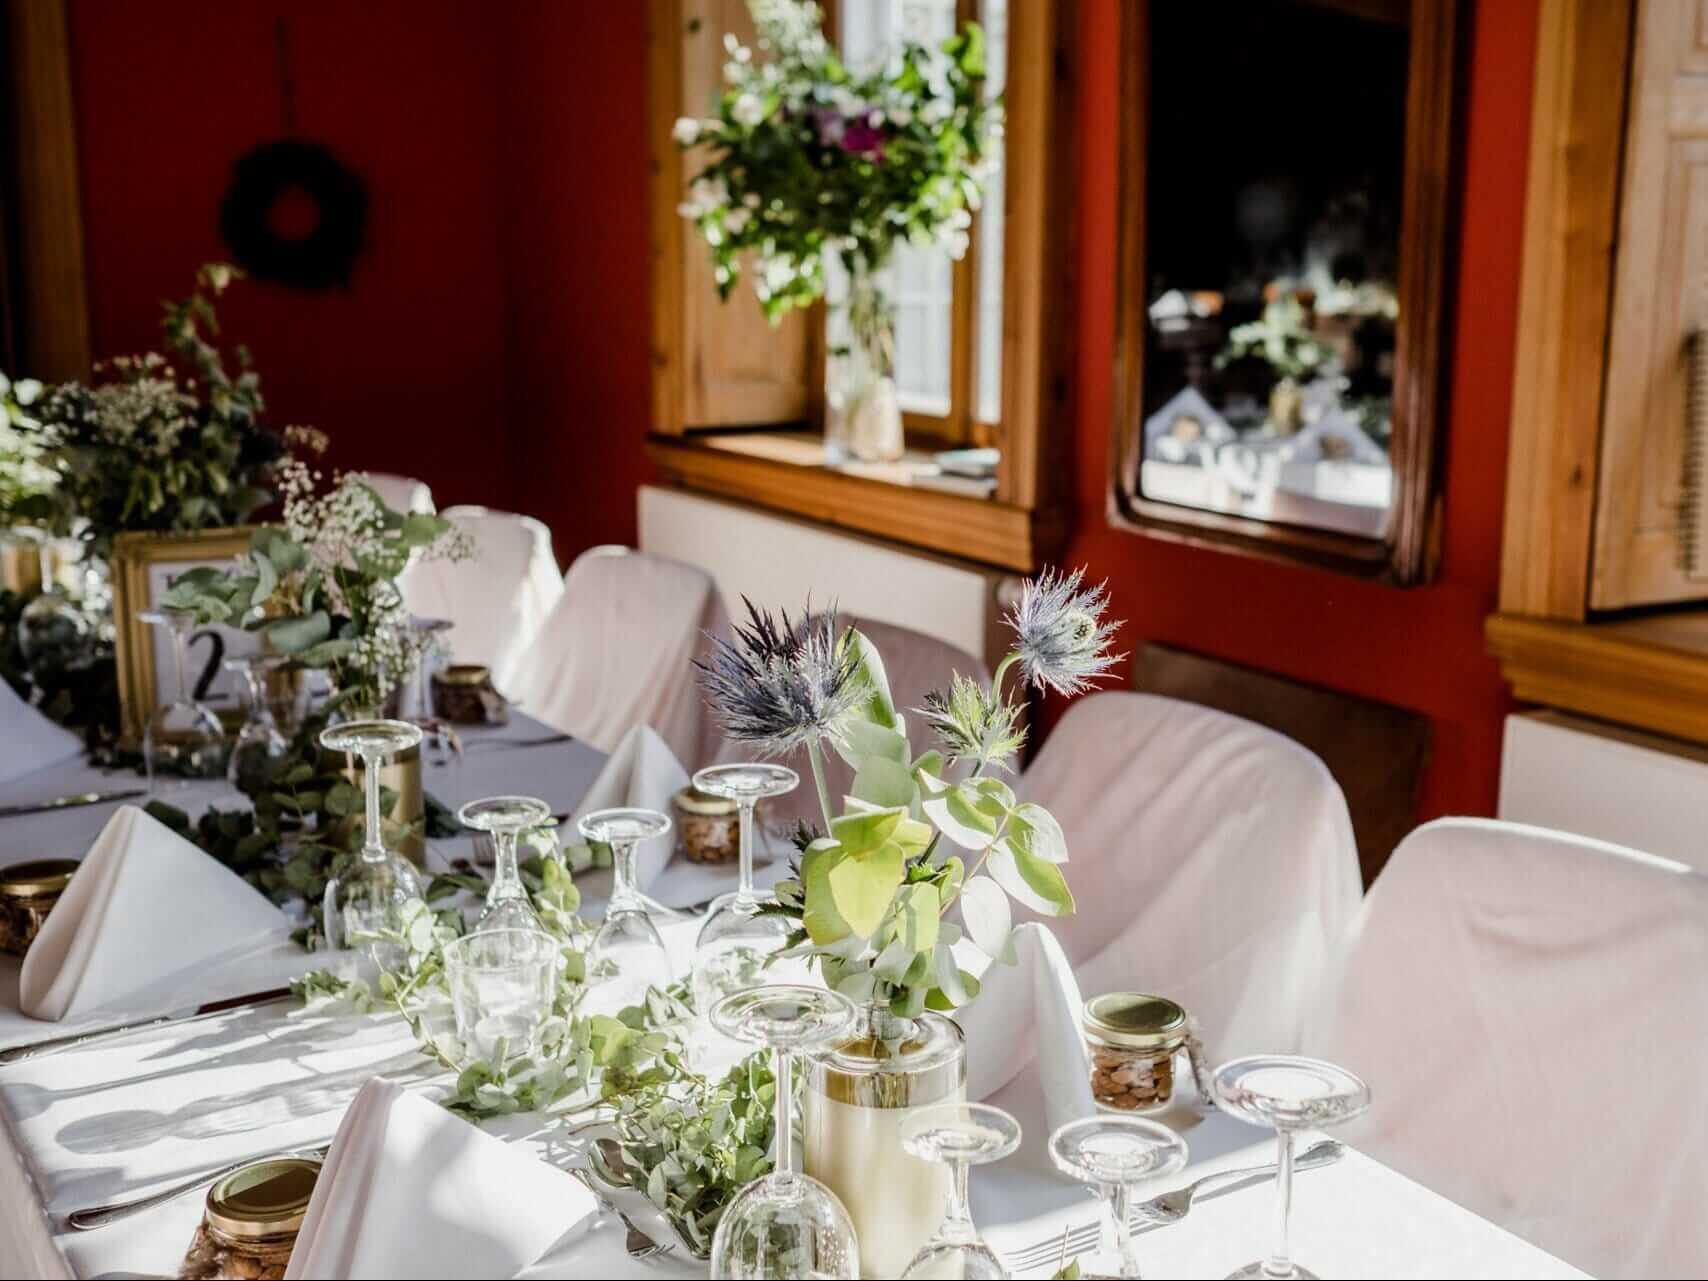 Gutshaus Ehmkendorf - Hochzeitstafel im roten Salon